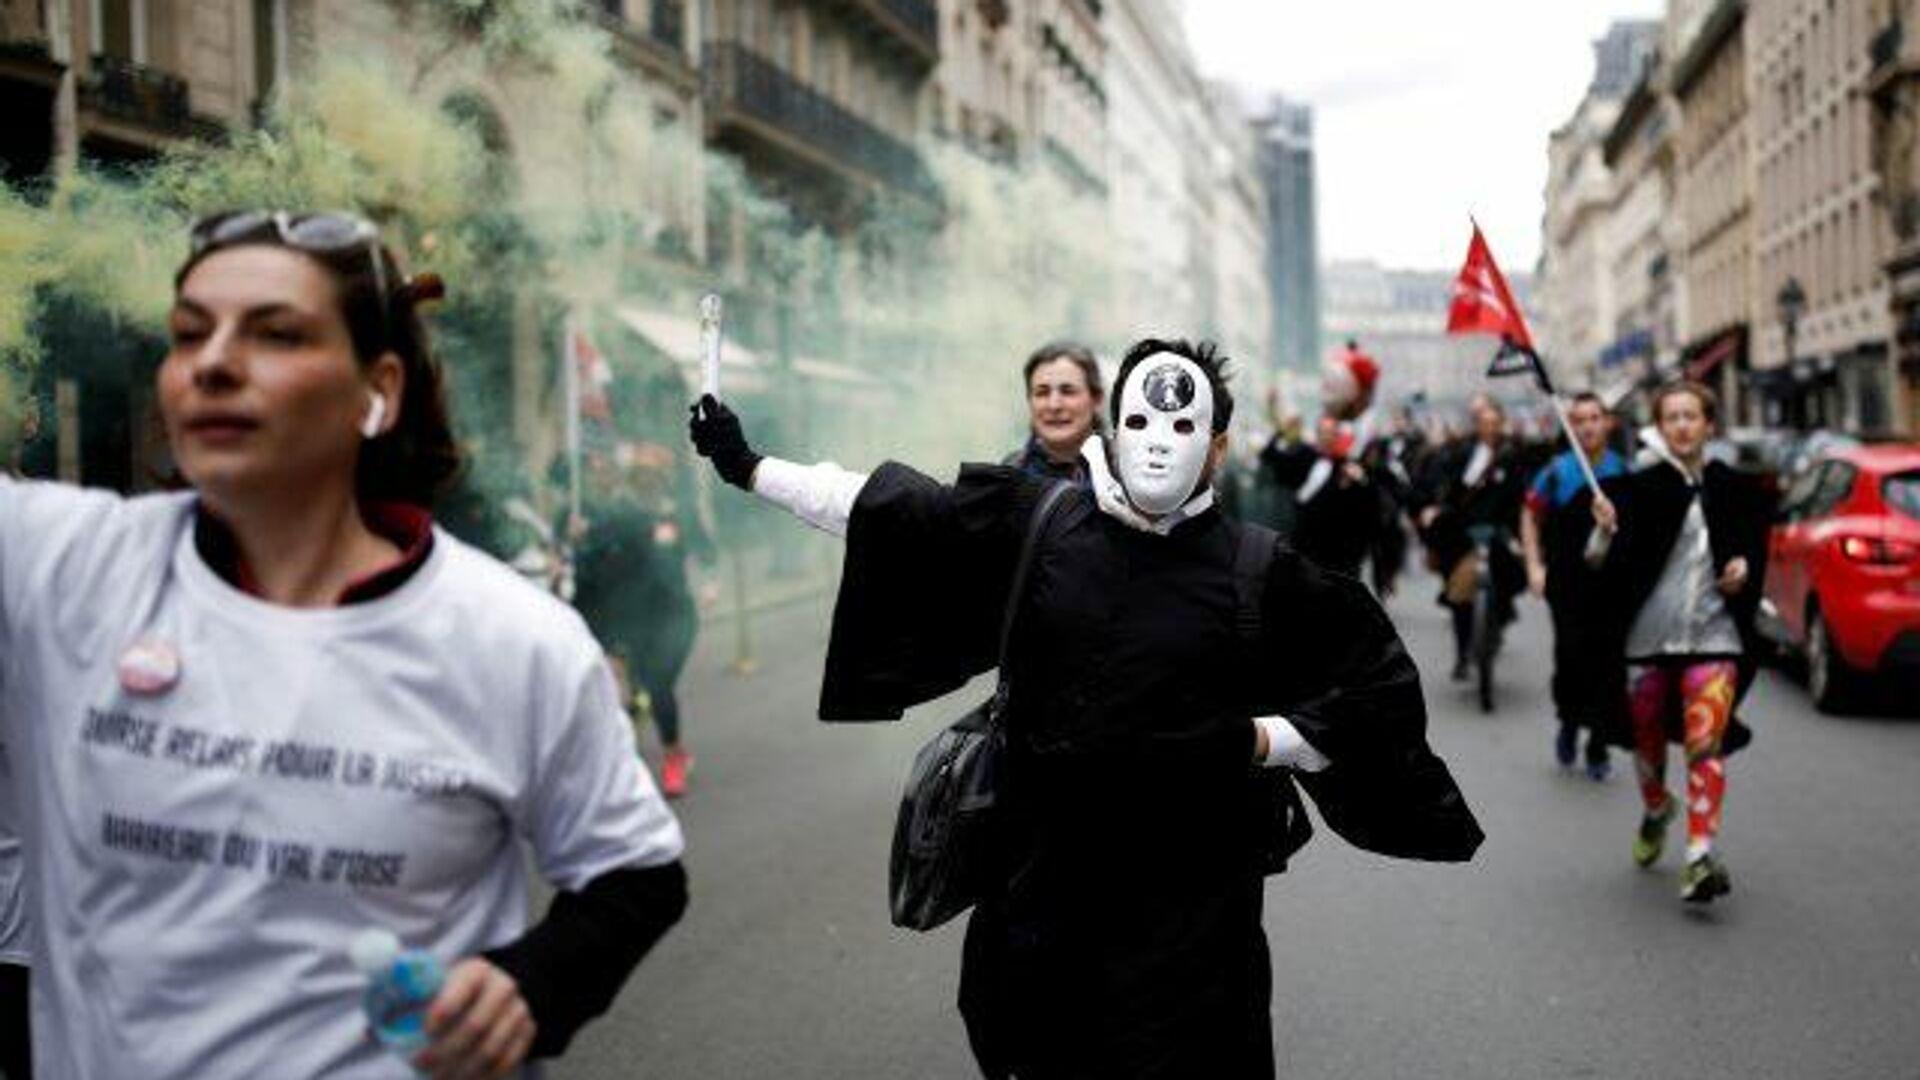 Una marcha nacional 'por las libertades y contra la extrema derecha' recorre París - Sputnik Mundo, 1920, 12.06.2021